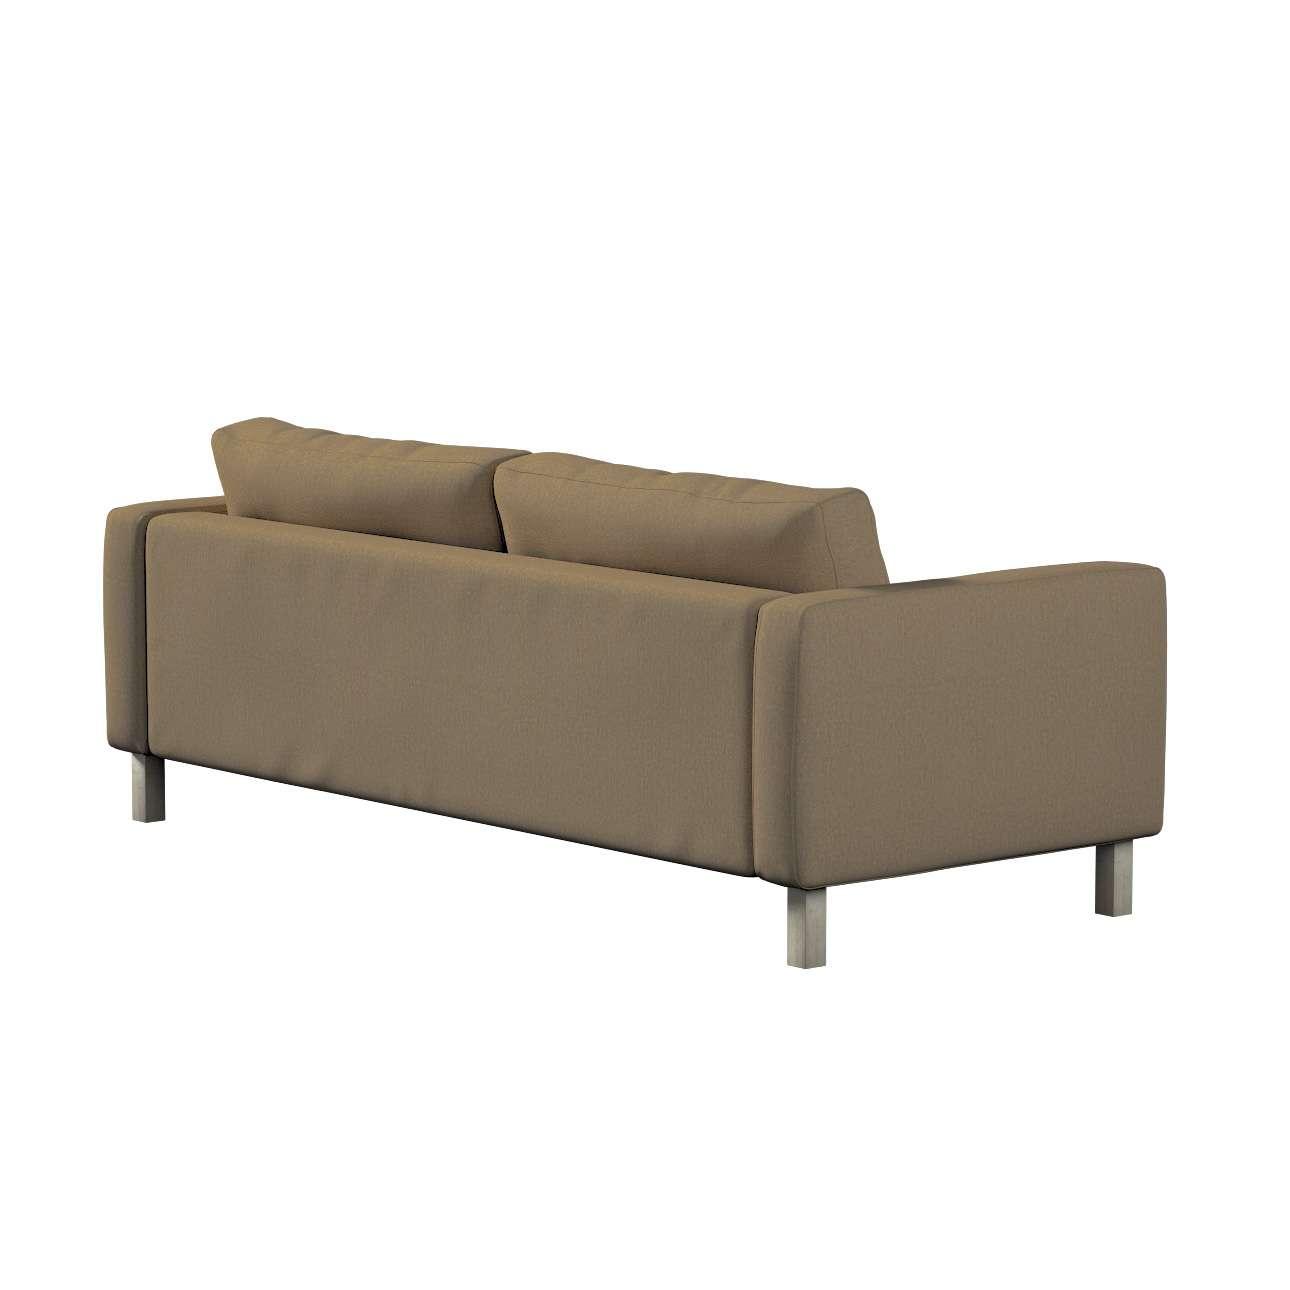 Pokrowiec na sofę Karlstad rozkładaną w kolekcji Chenille, tkanina: 702-21